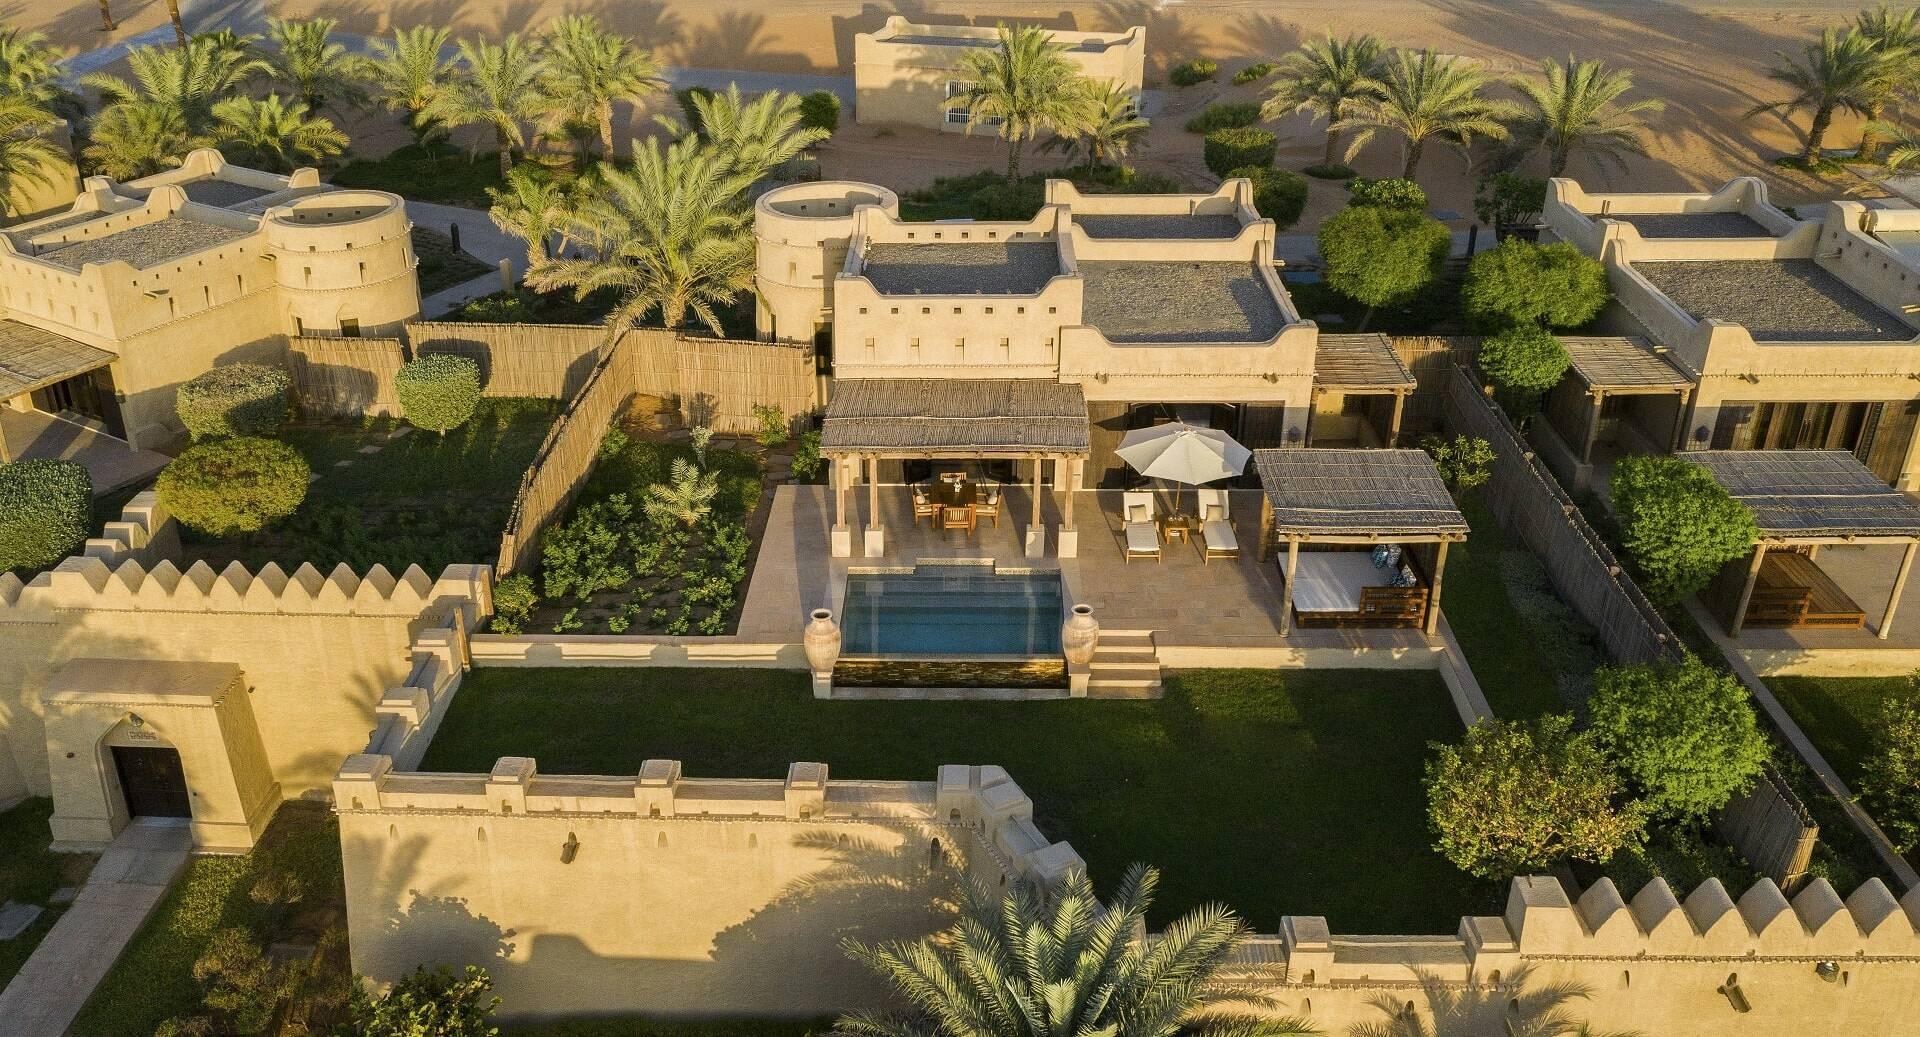 Abu Dhabi Anantara Qasr al Sarab Desert villa